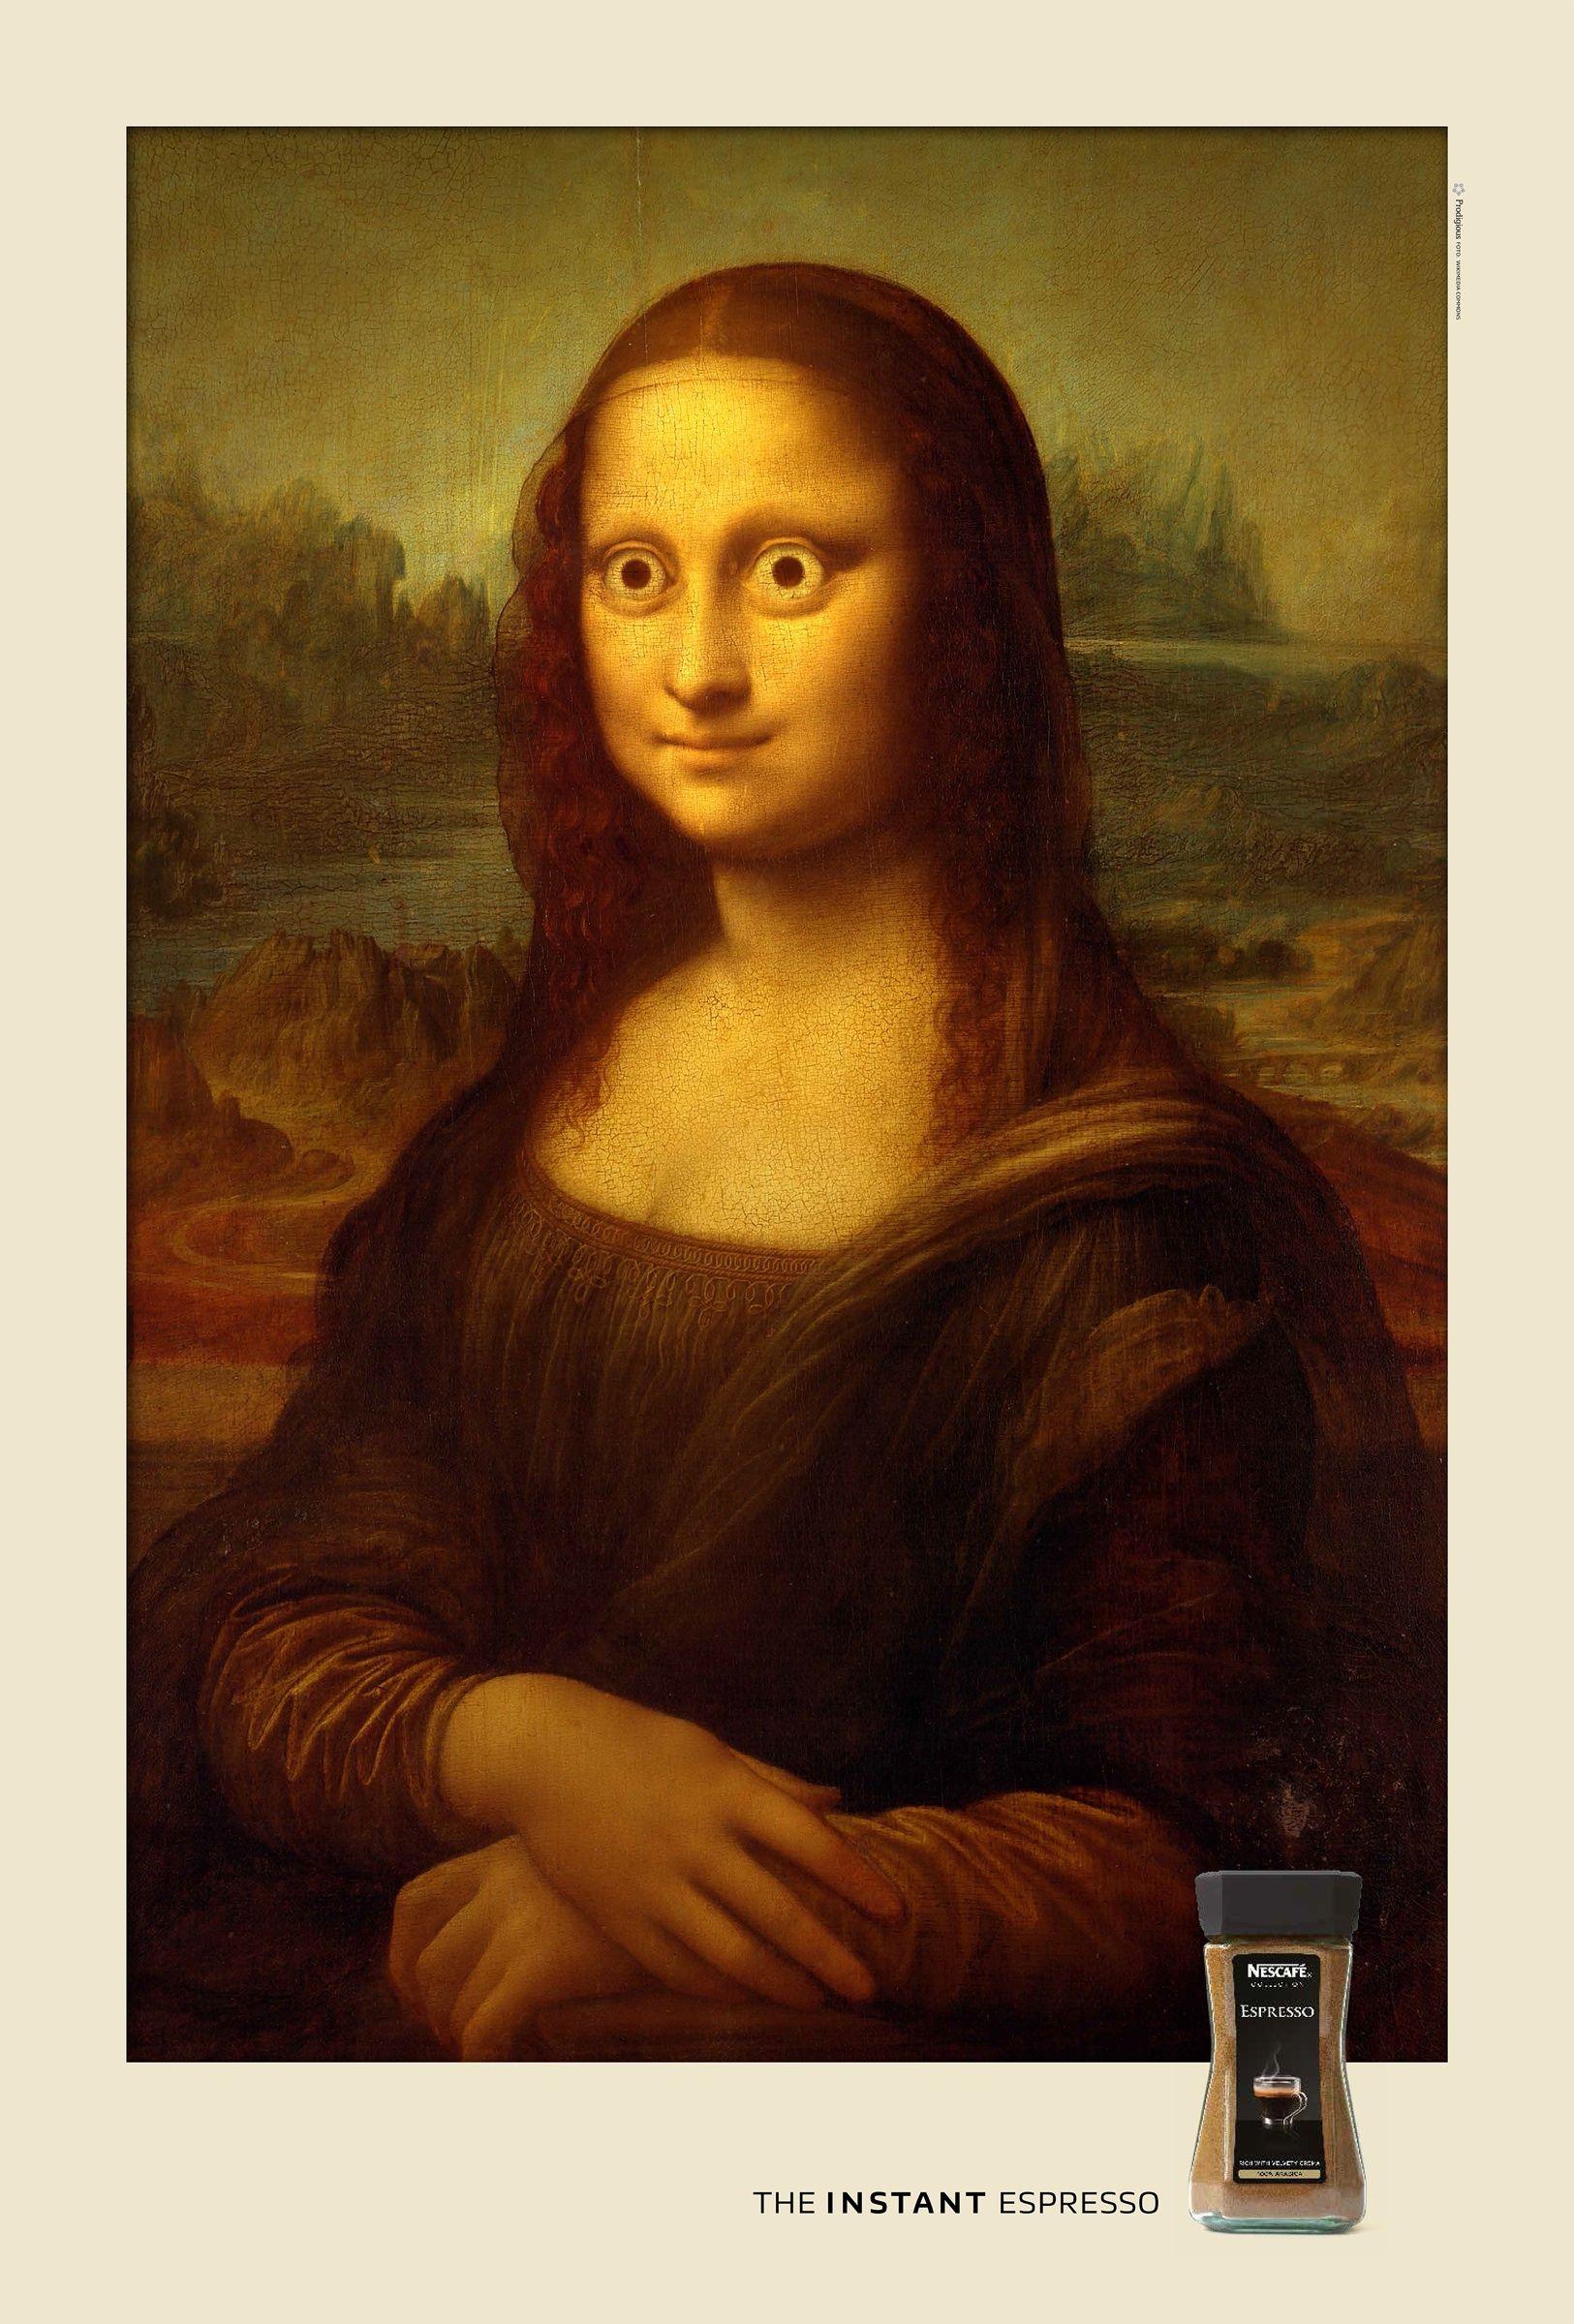 Amüsante Nescafé Werbung mit einer überaus wachen Mona Lisa